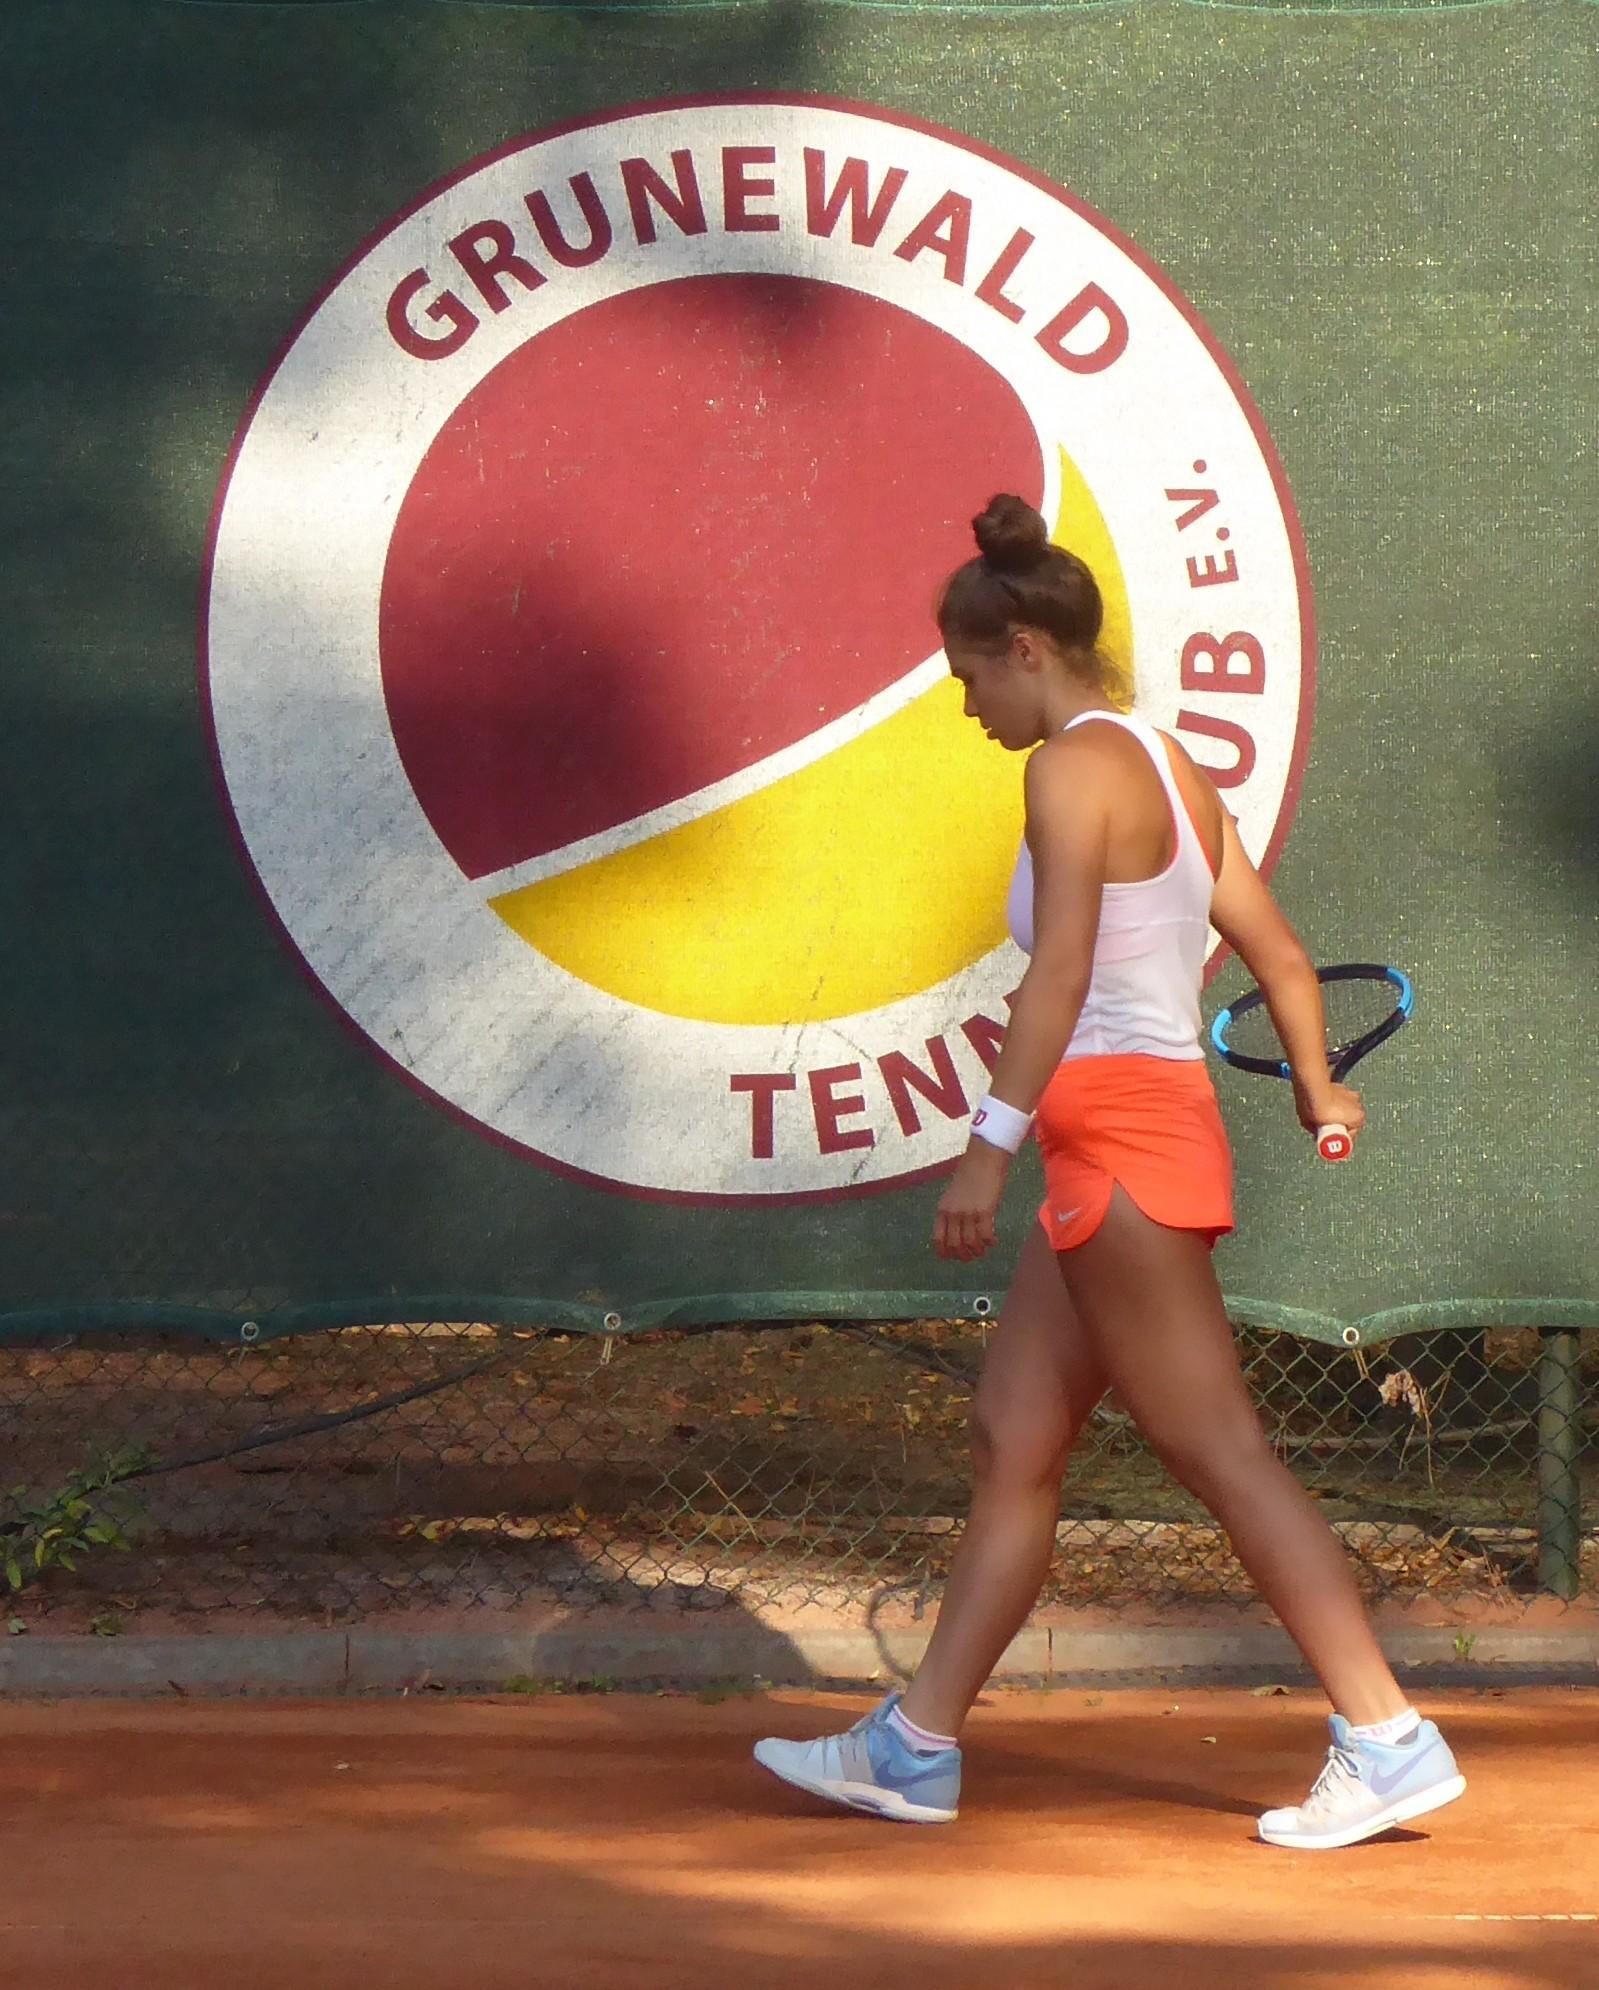 Grunewald Tennisclub